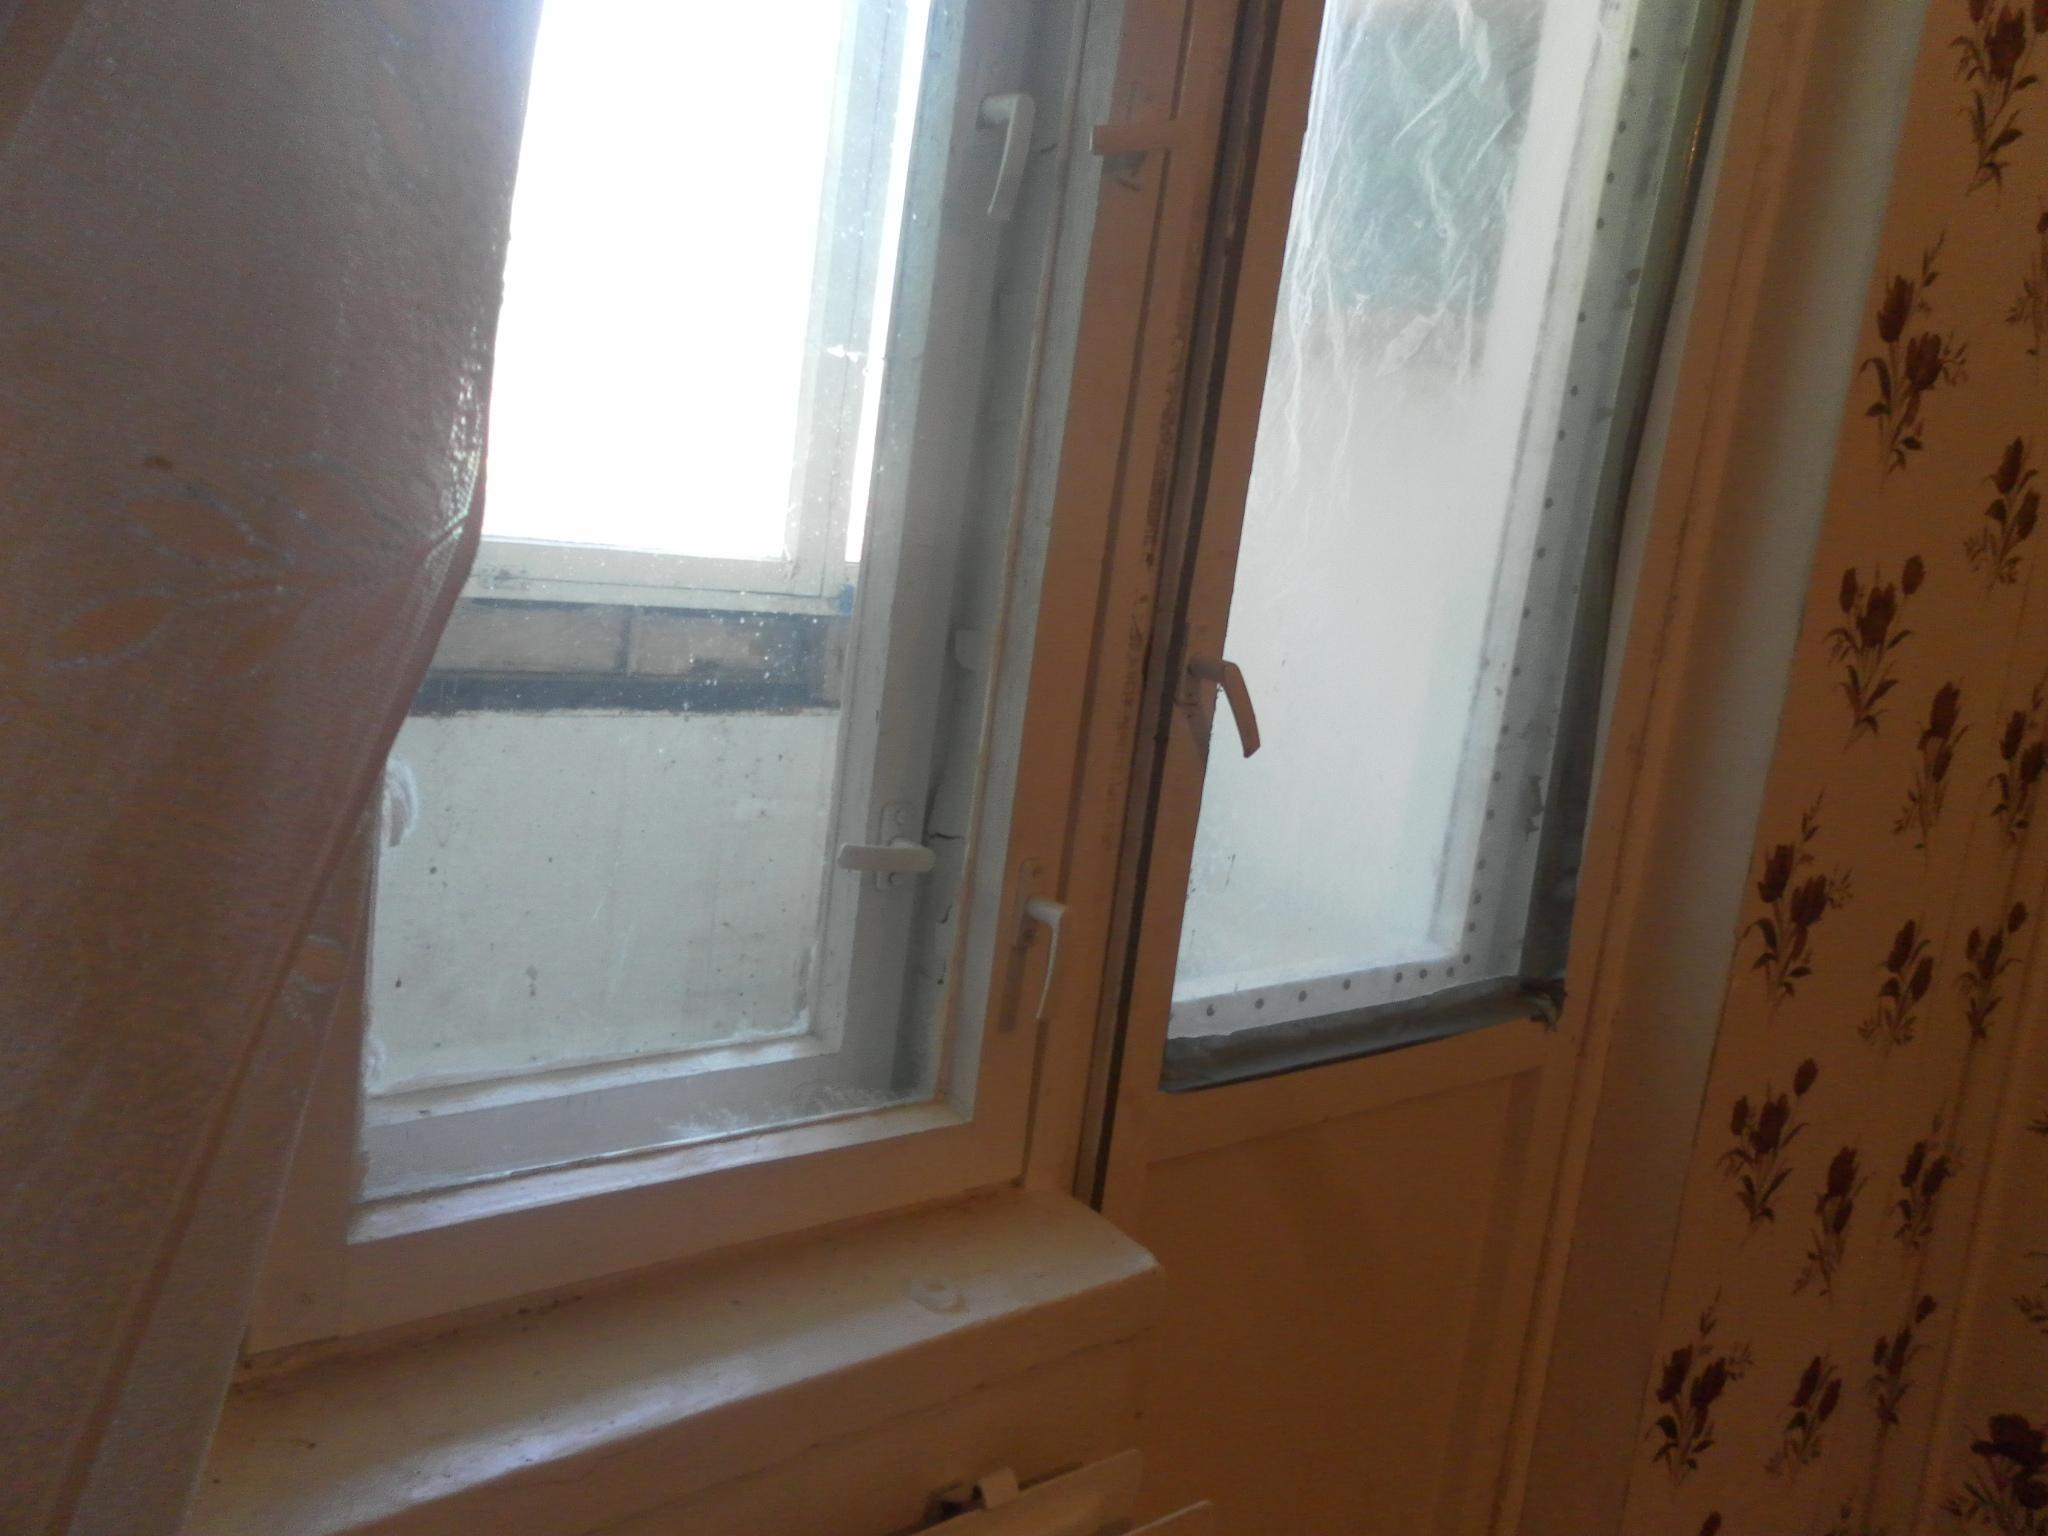 Комната 13 кв.м - ул. Индустриальная, д. 2а